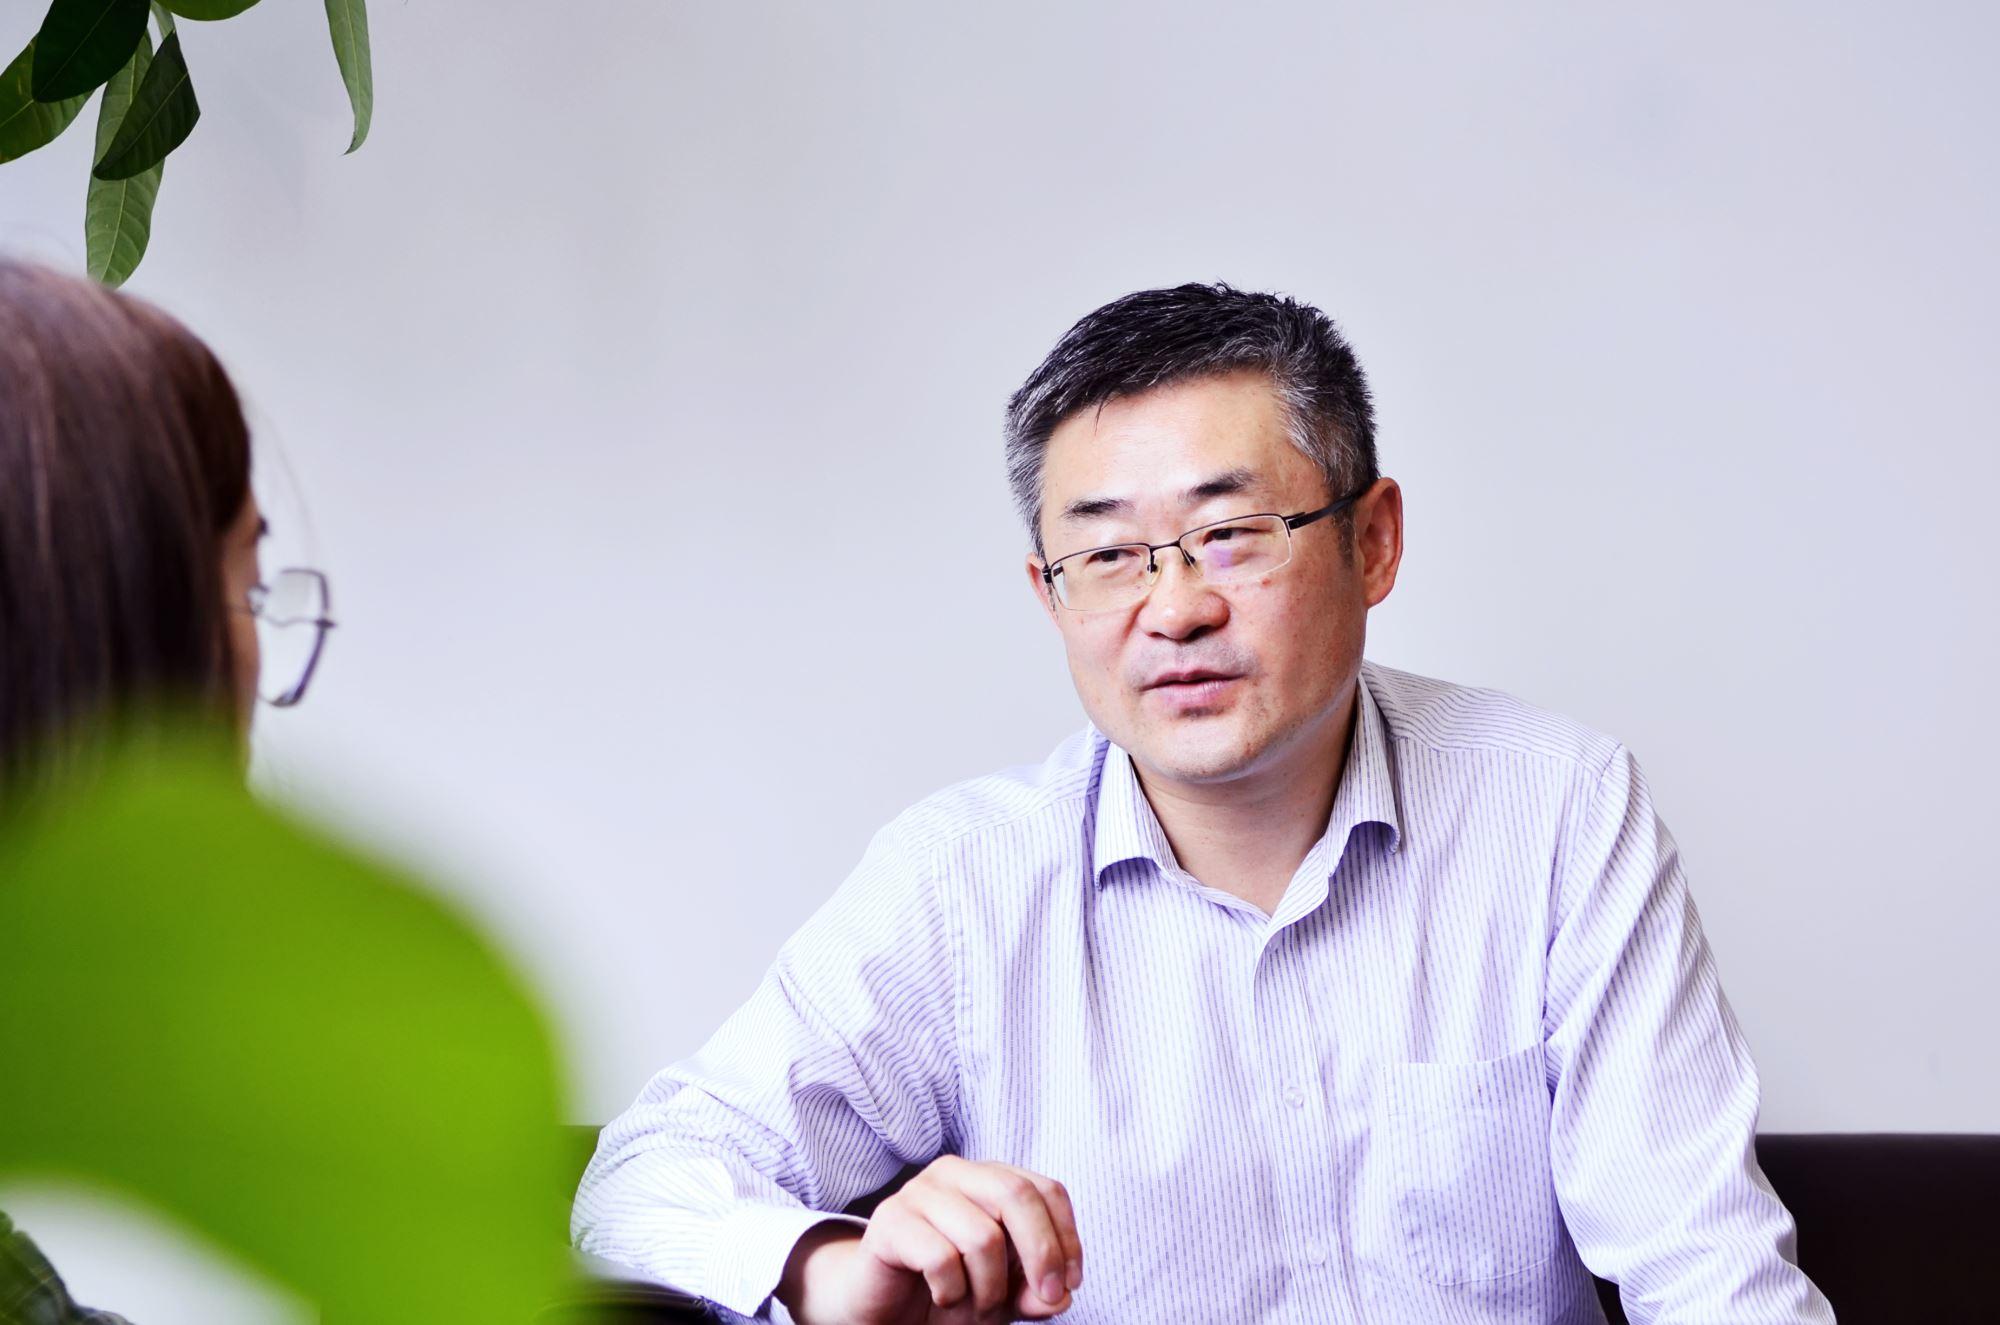 人物专访|路劲北京总经理孙祥军:以探究的精力不断提高商业质量